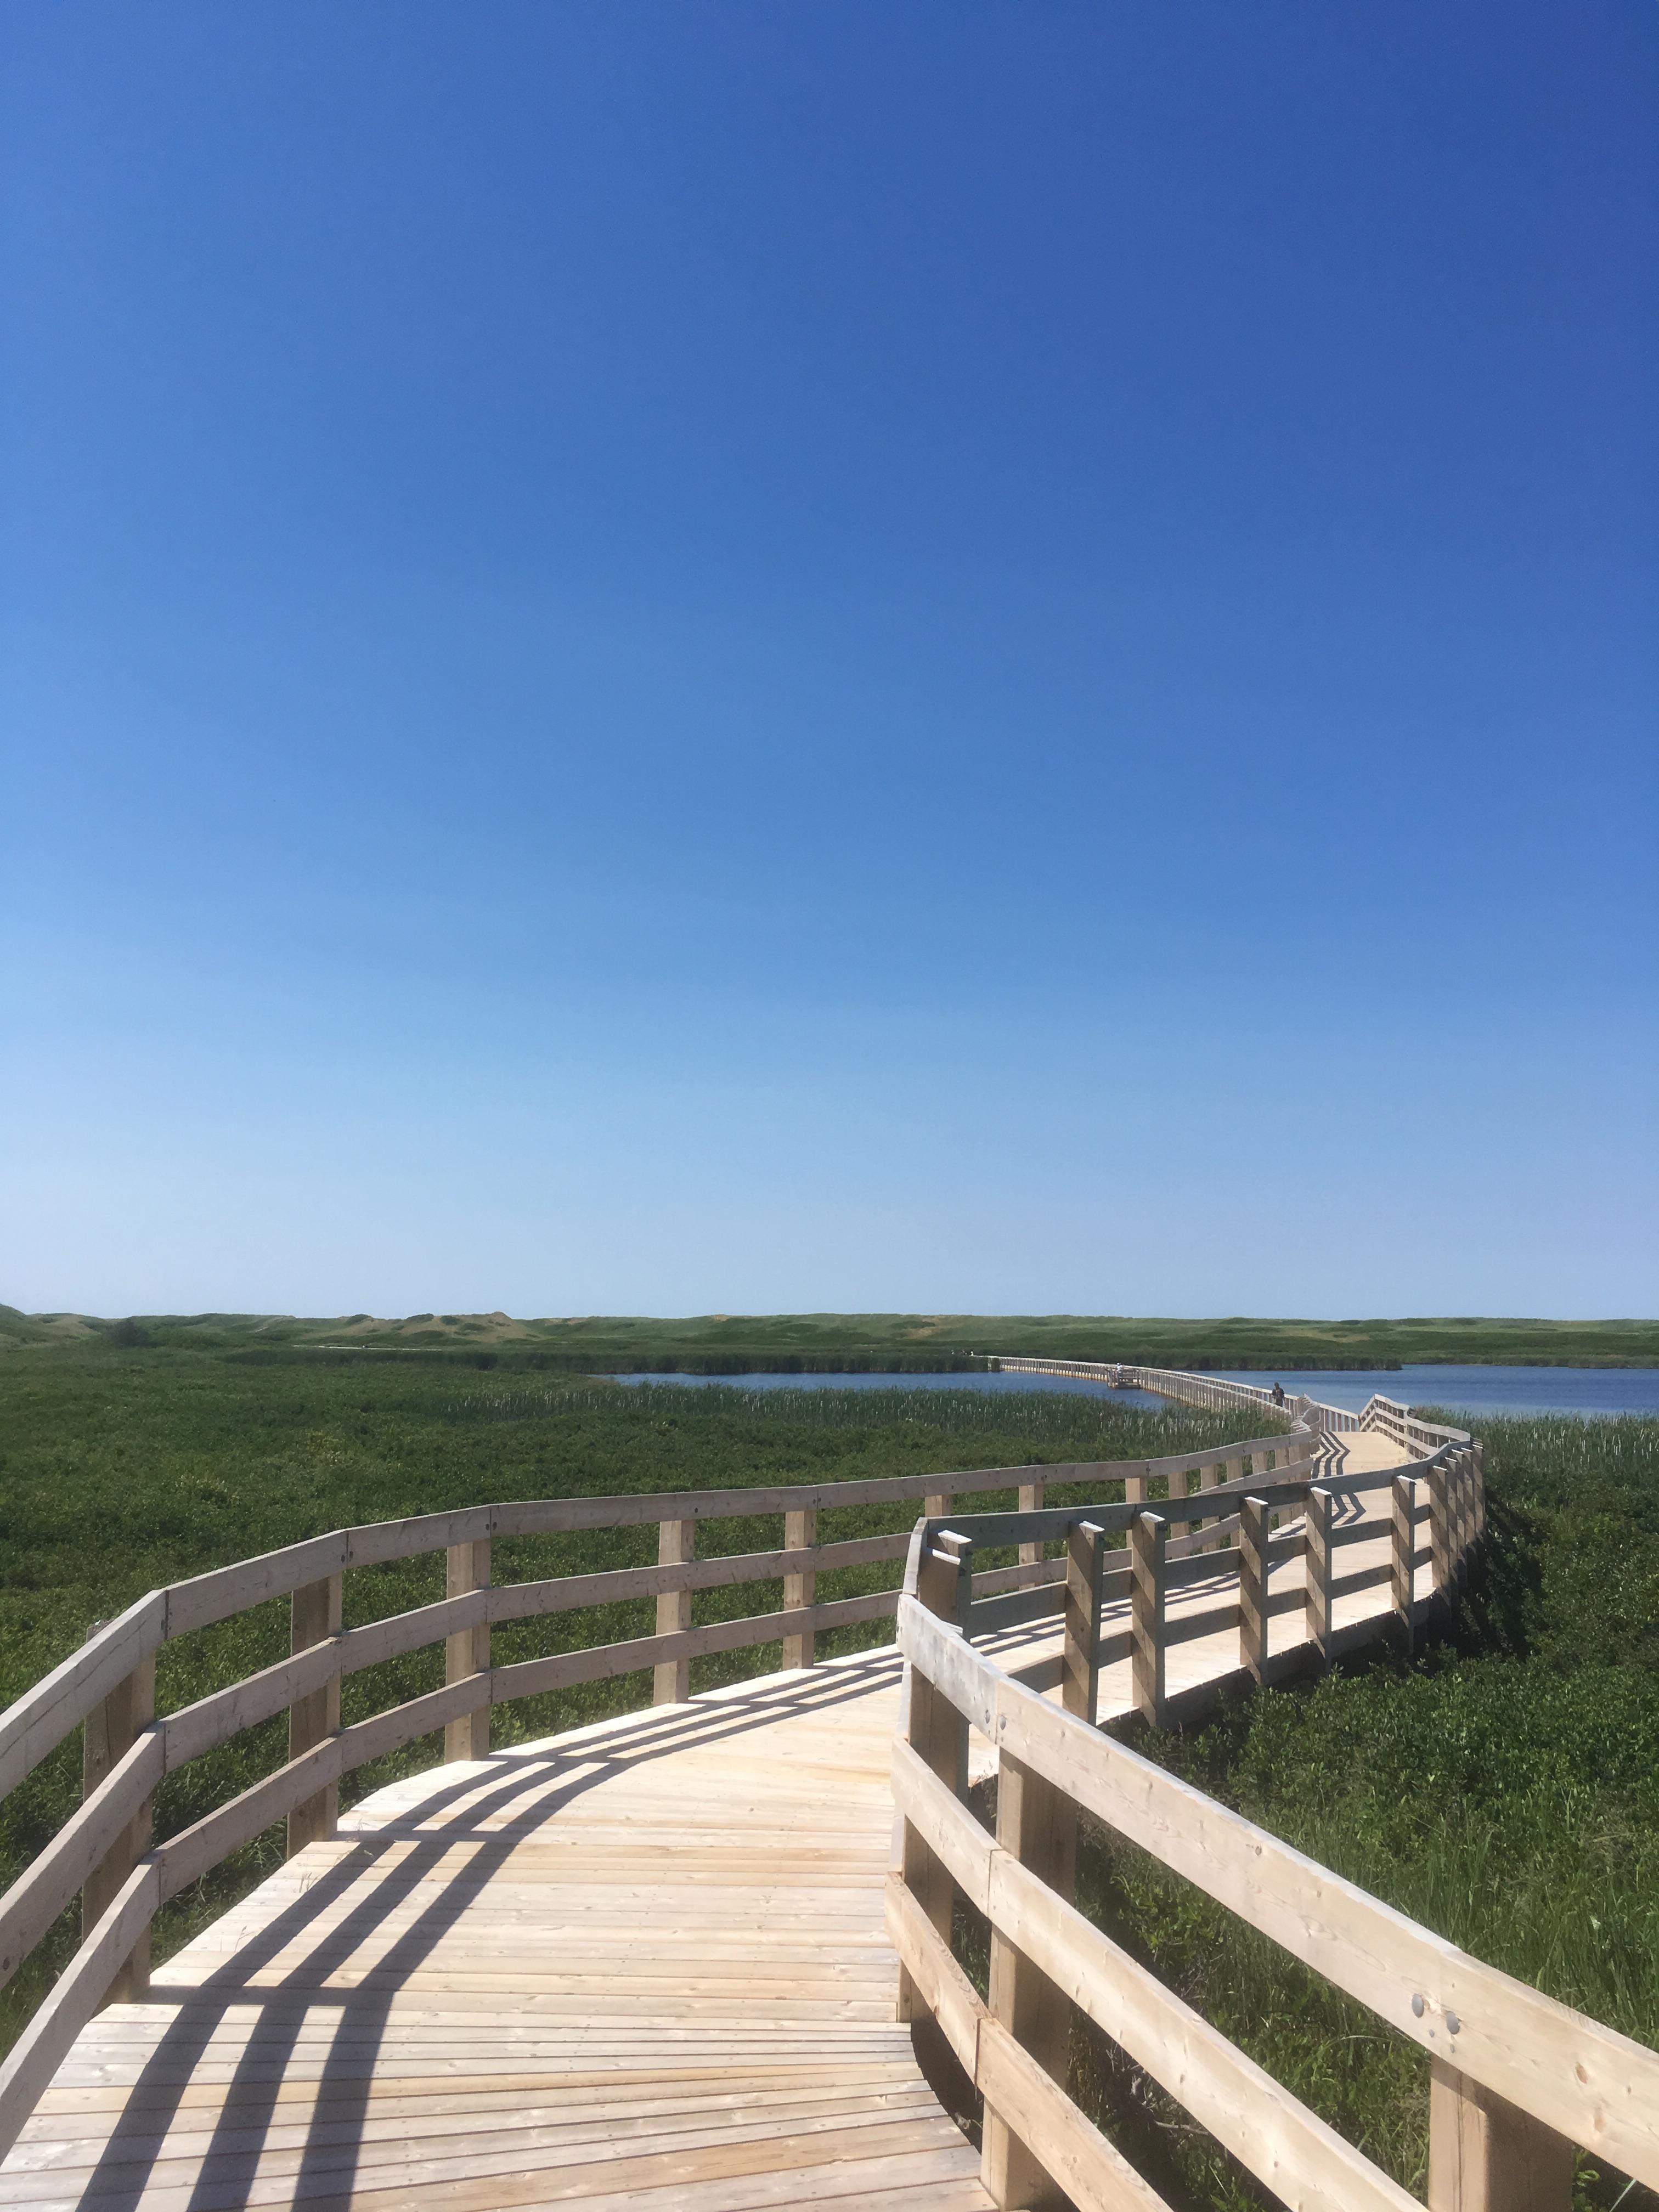 greenwich-national-park-boardwalk